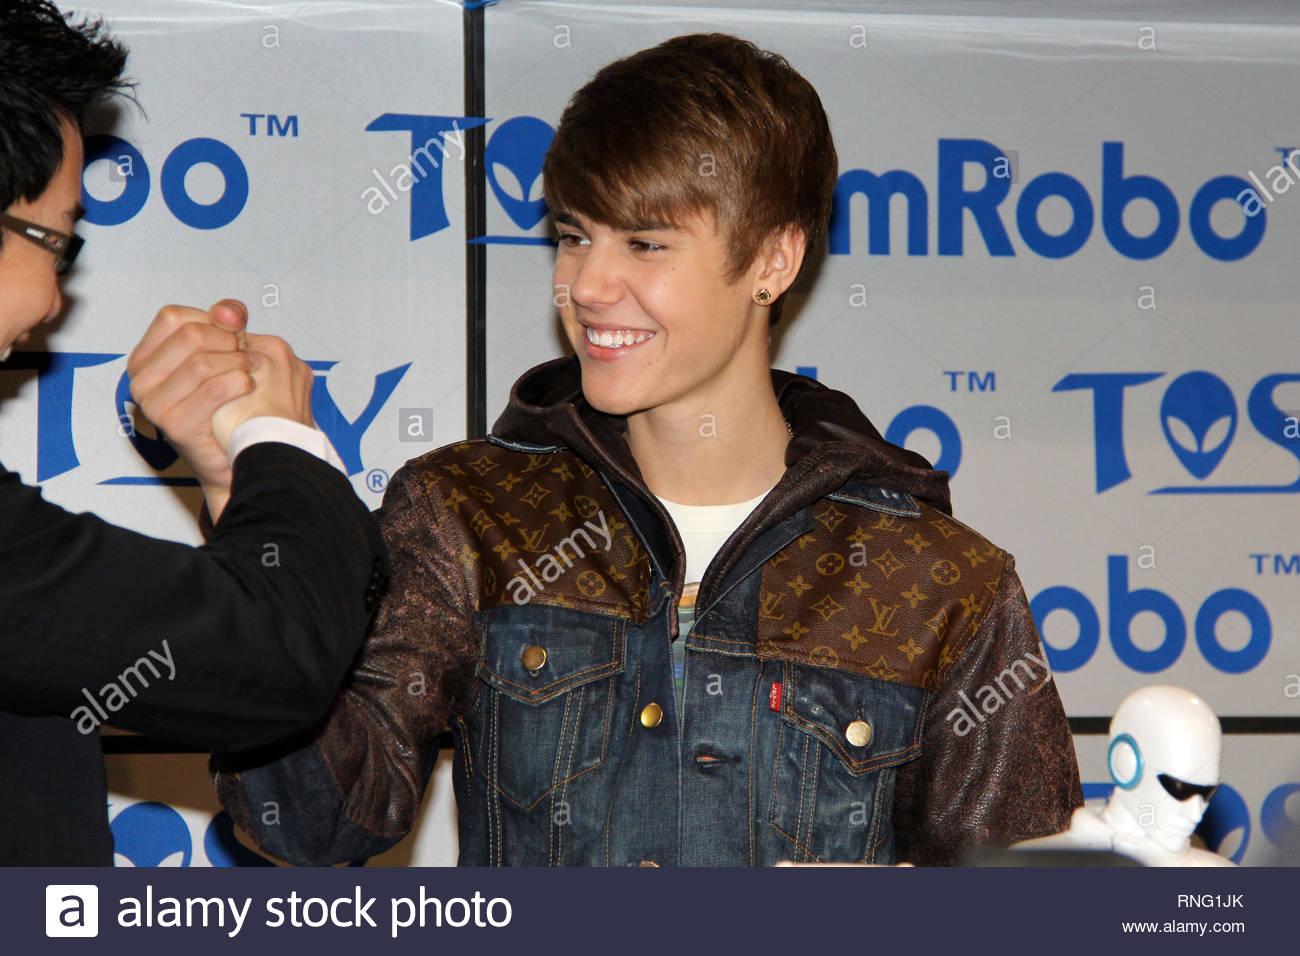 Las Vegas, NV - Teenage pop star Justin Bieber was in Las Vegas this  afternoon